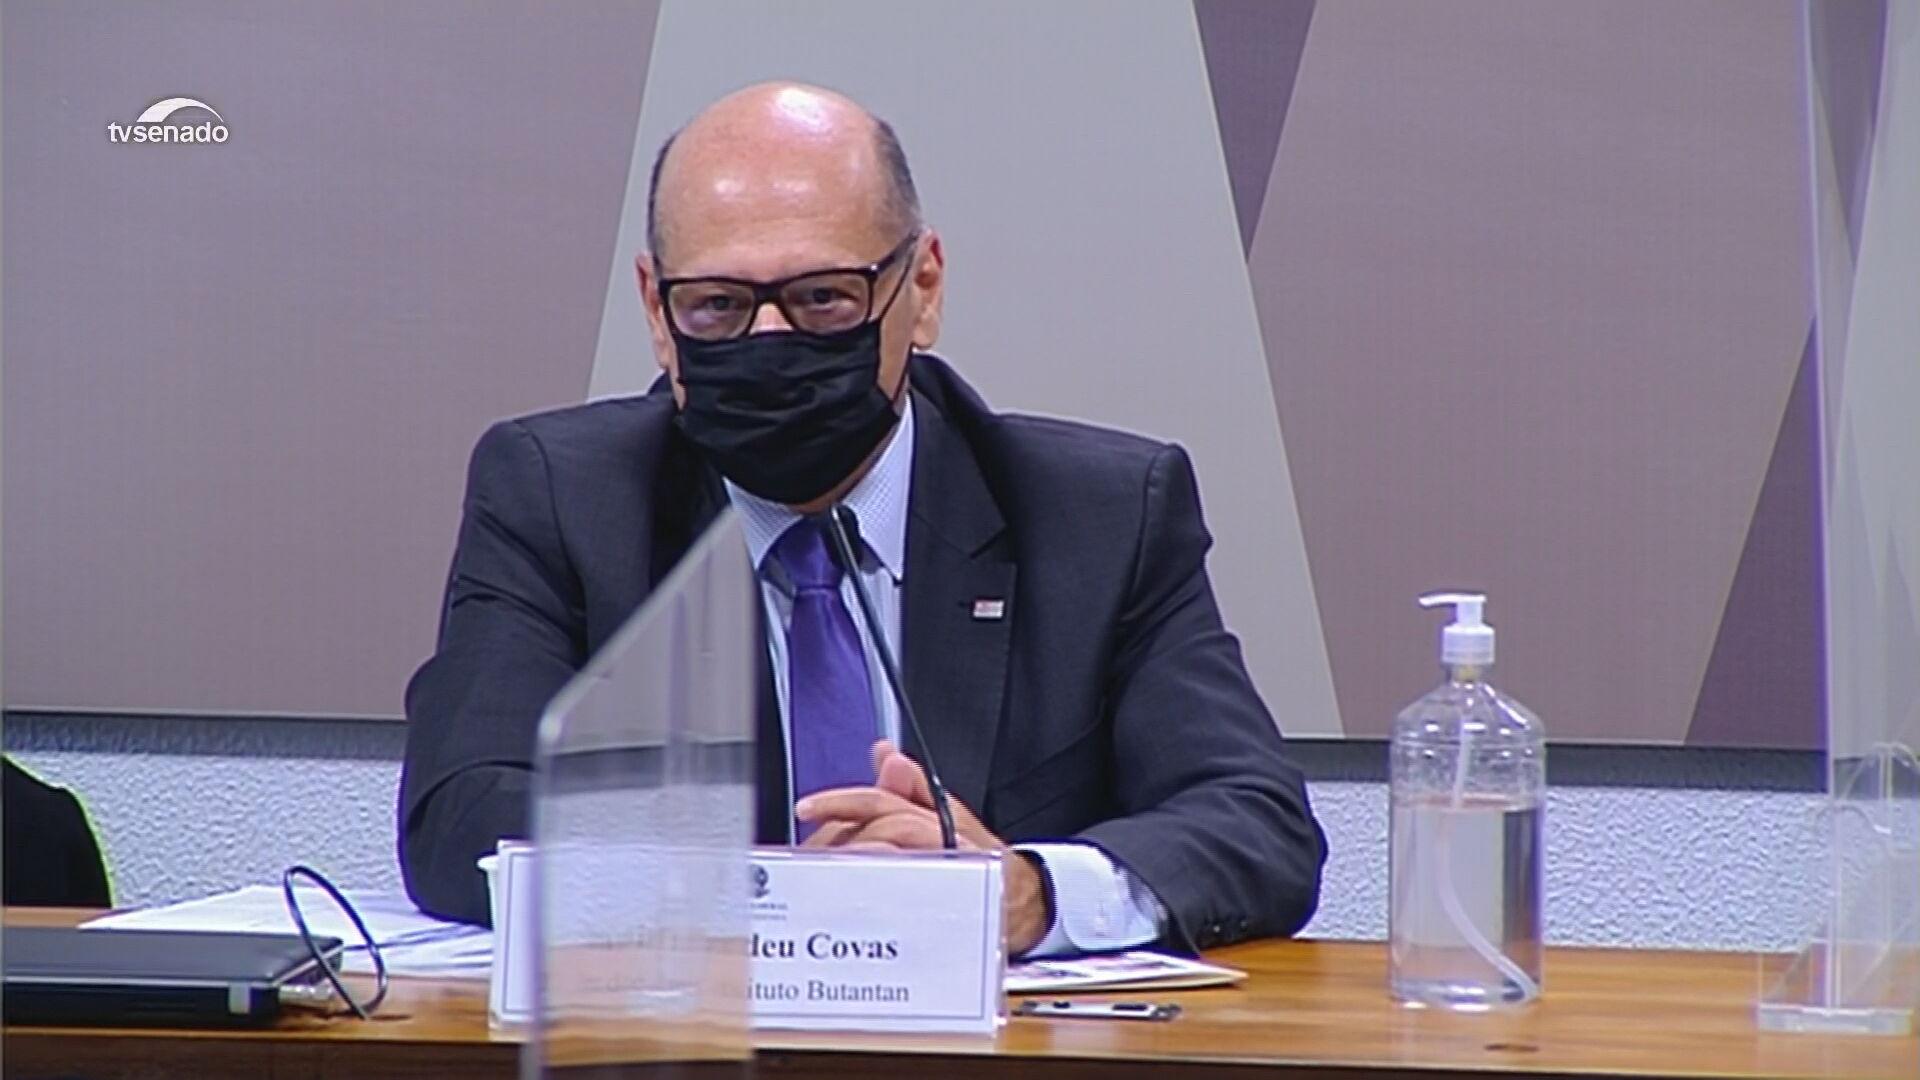 Dimas Covas, diretor do Instituto Butantan